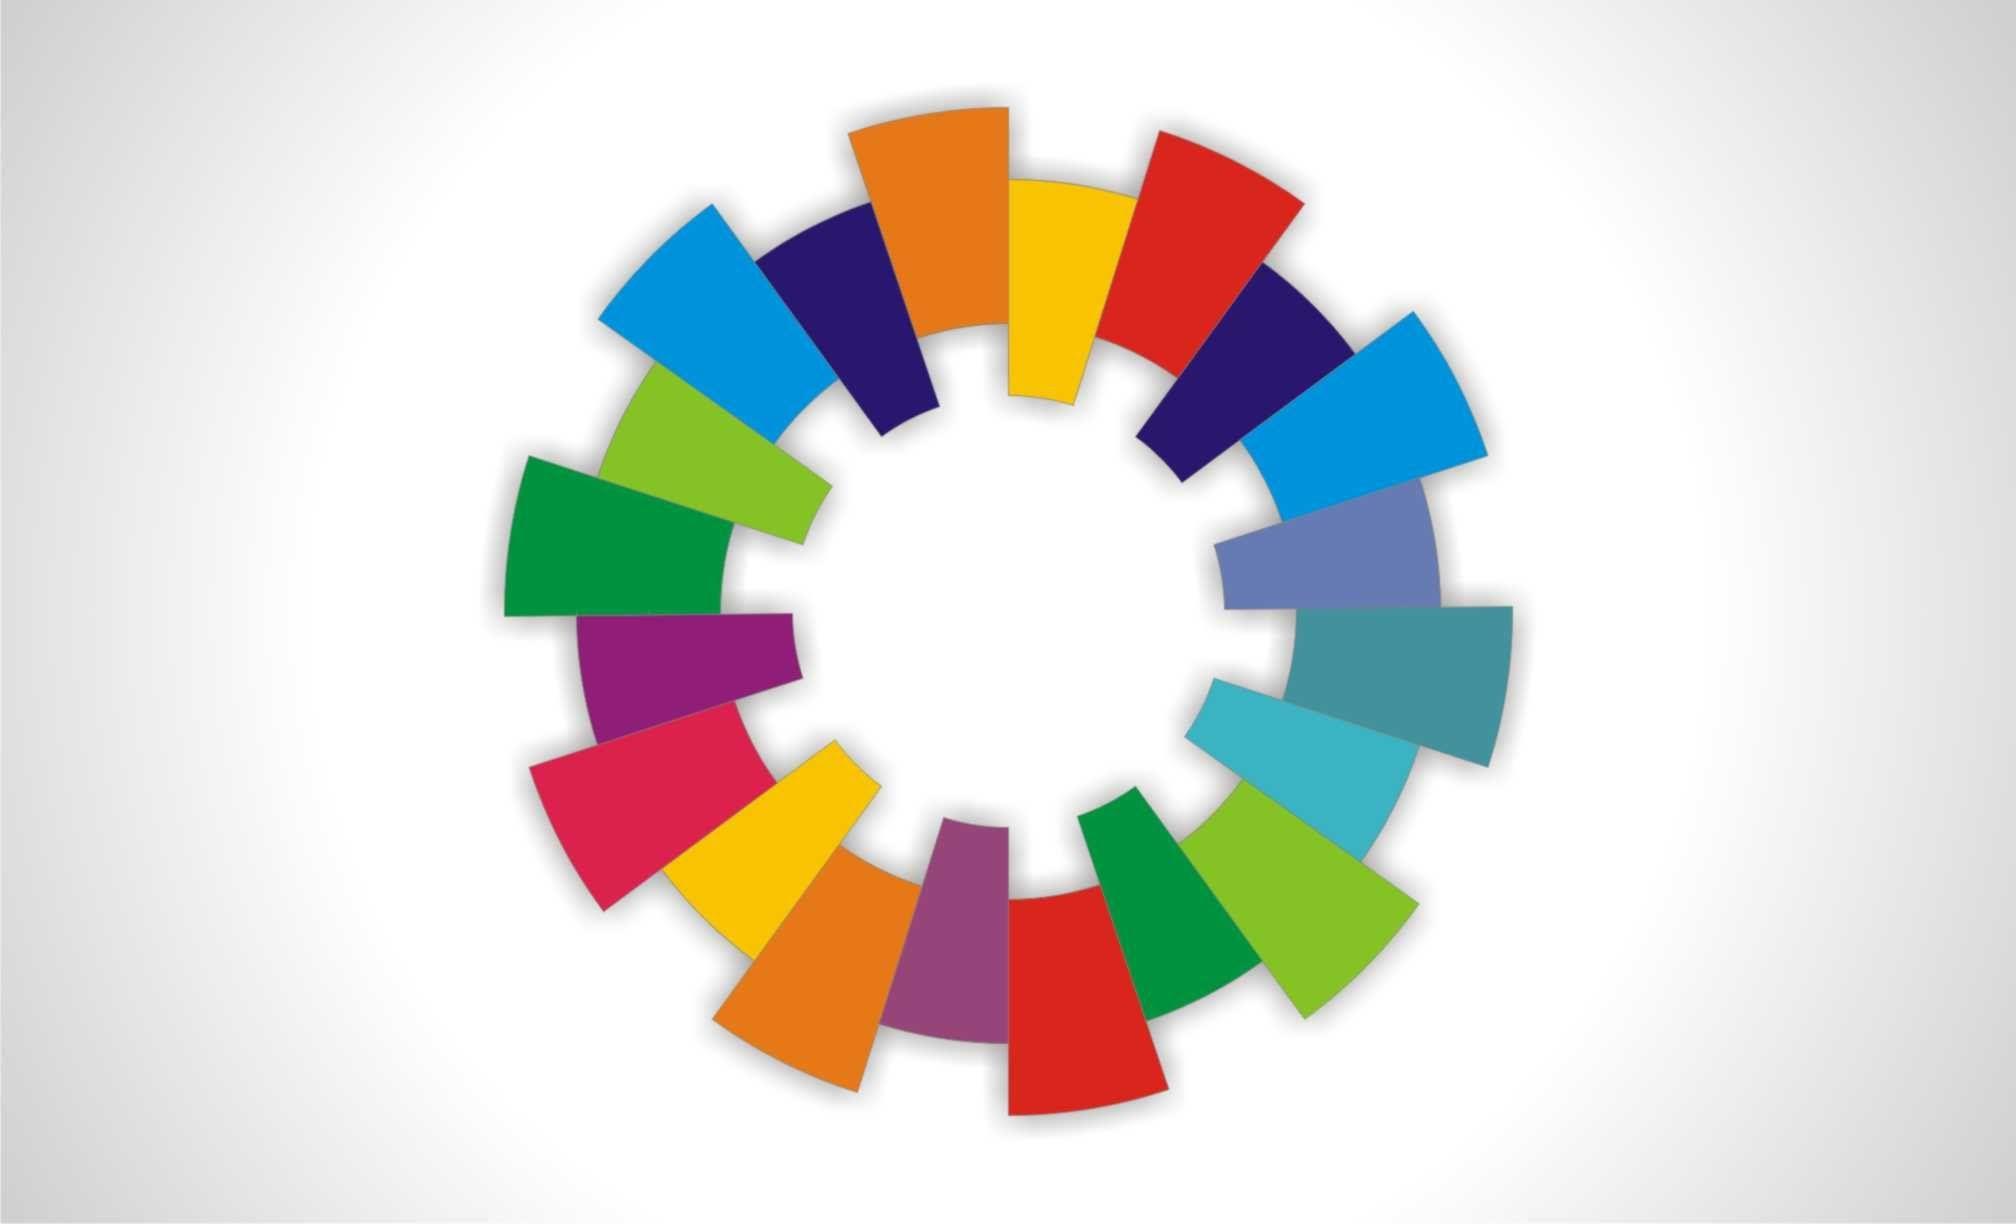 best logo design ideas 7 best logo design ideas pinterest logos